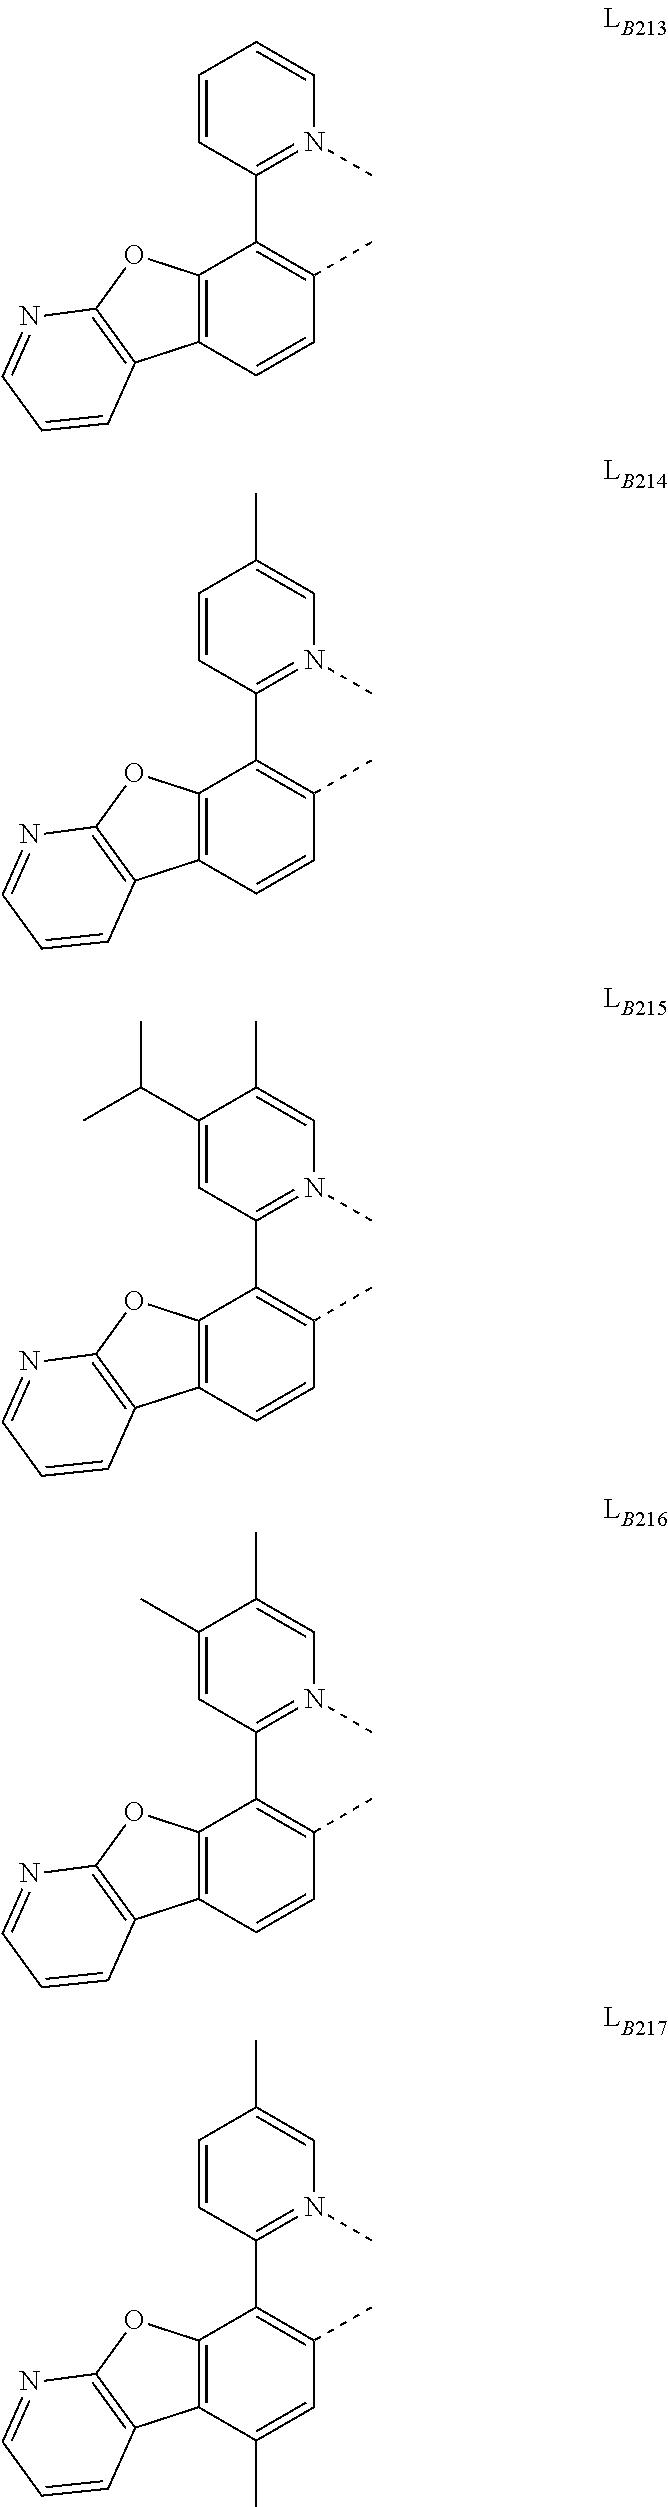 Figure US20180130962A1-20180510-C00109